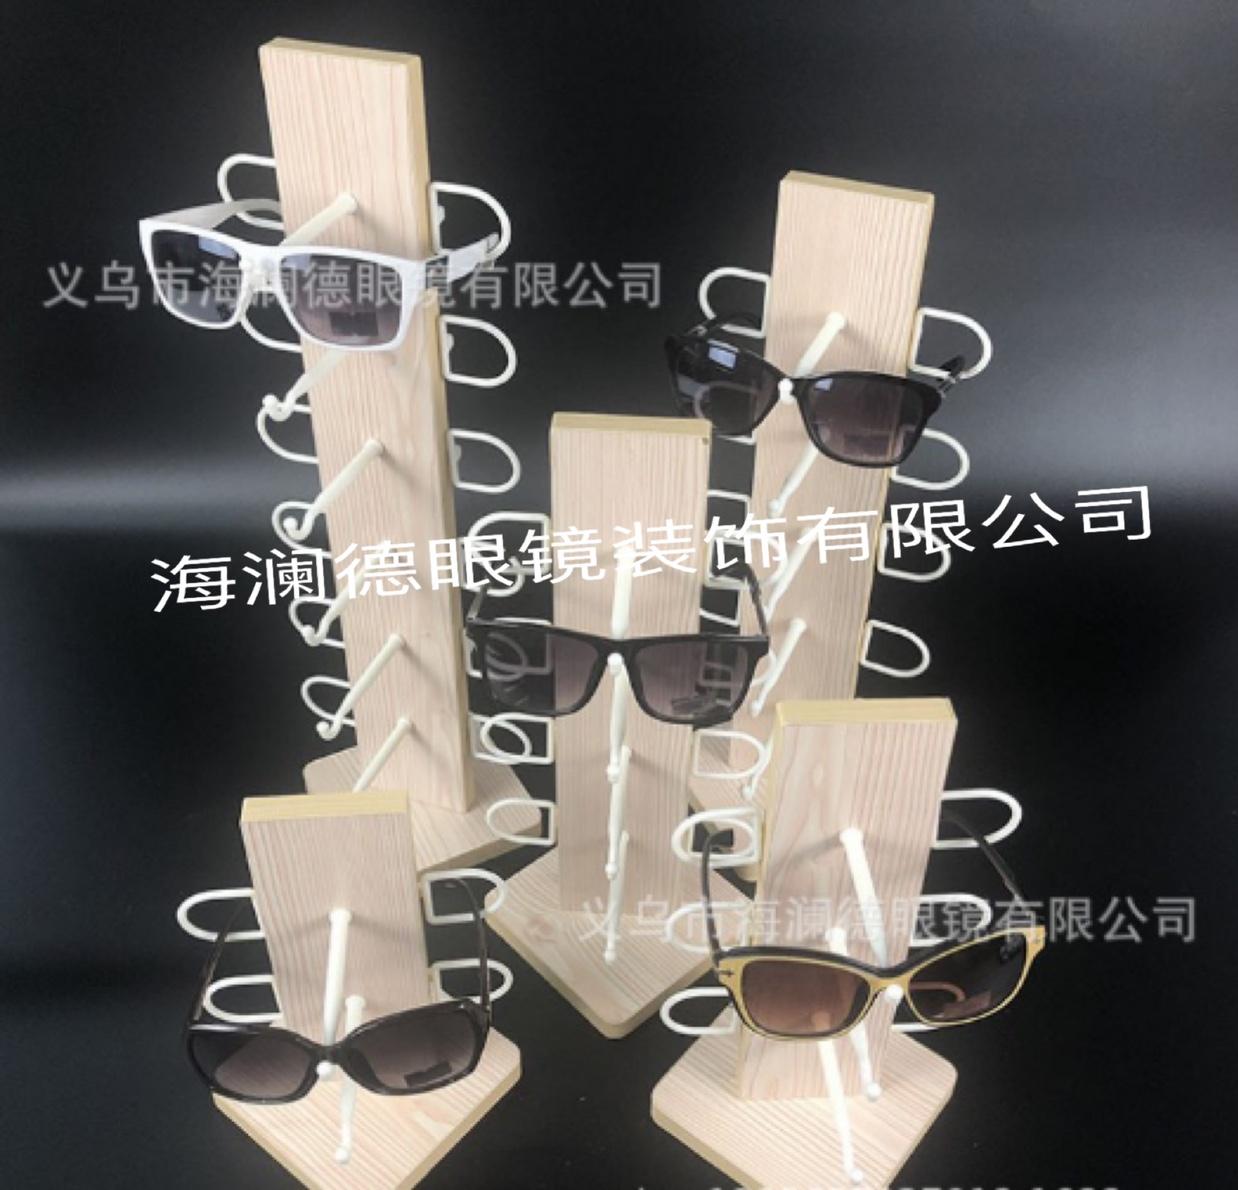 海澜德工厂直销眼镜架木架木道具台式架塑料架亚克力架